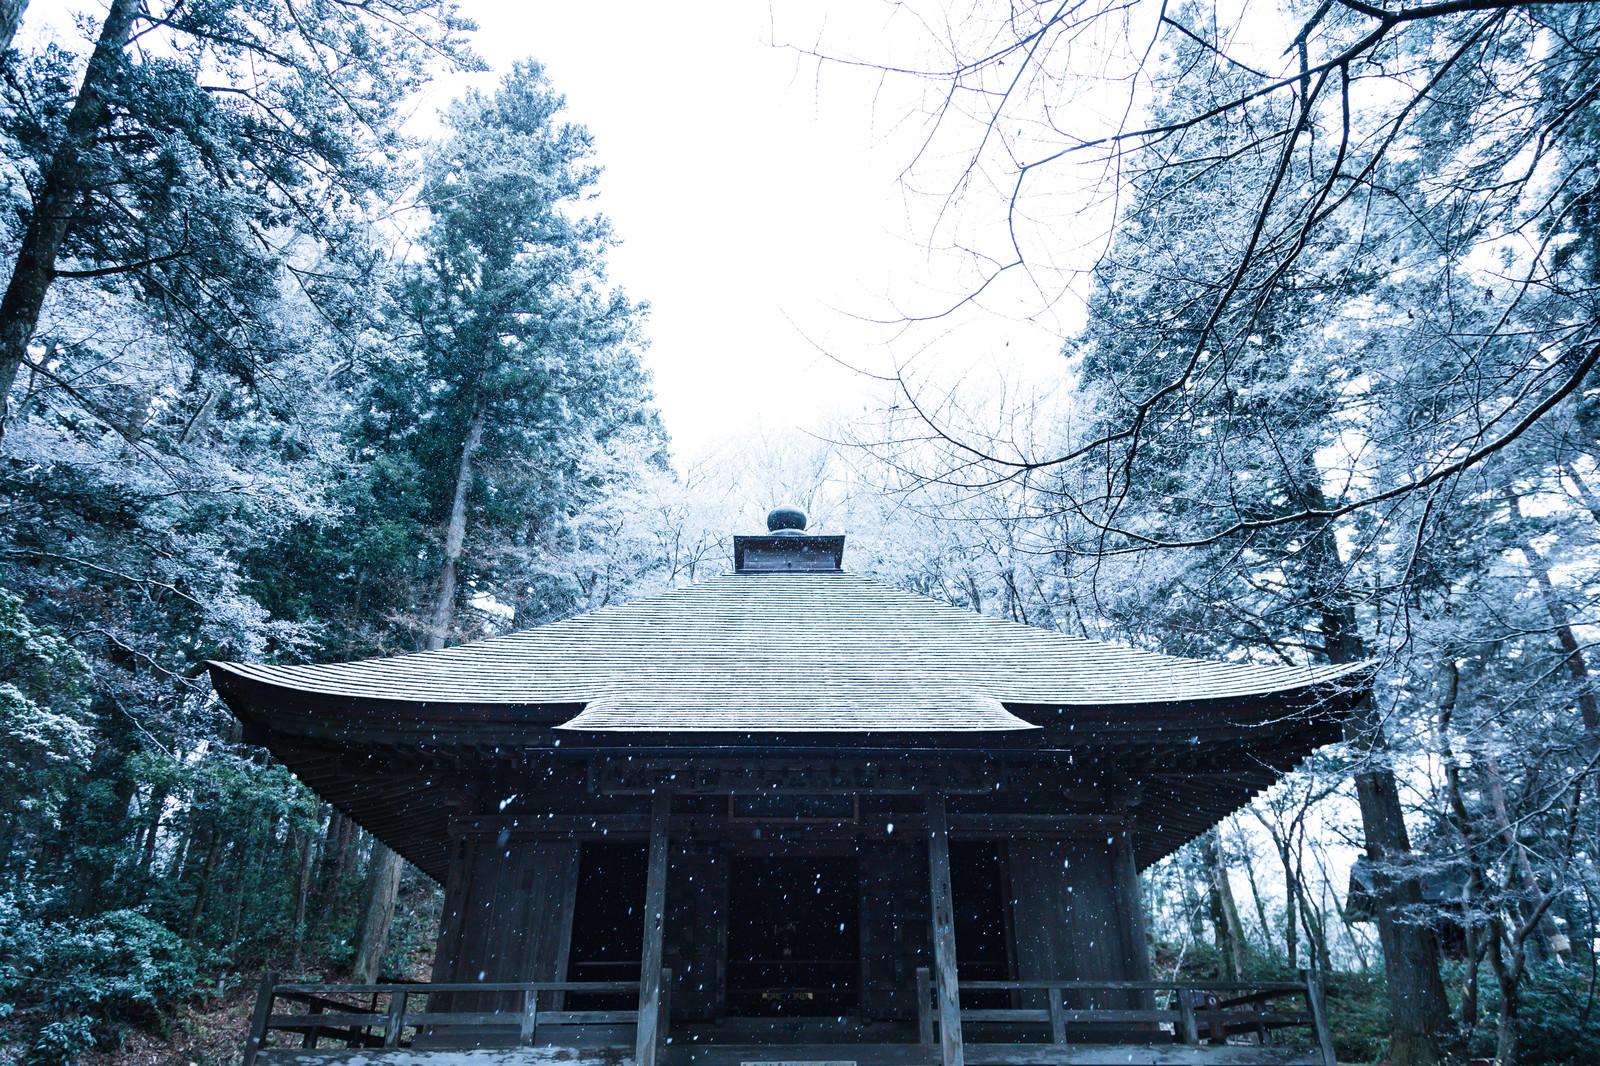 「静かに降り続ける雪と中尊寺経蔵」の写真